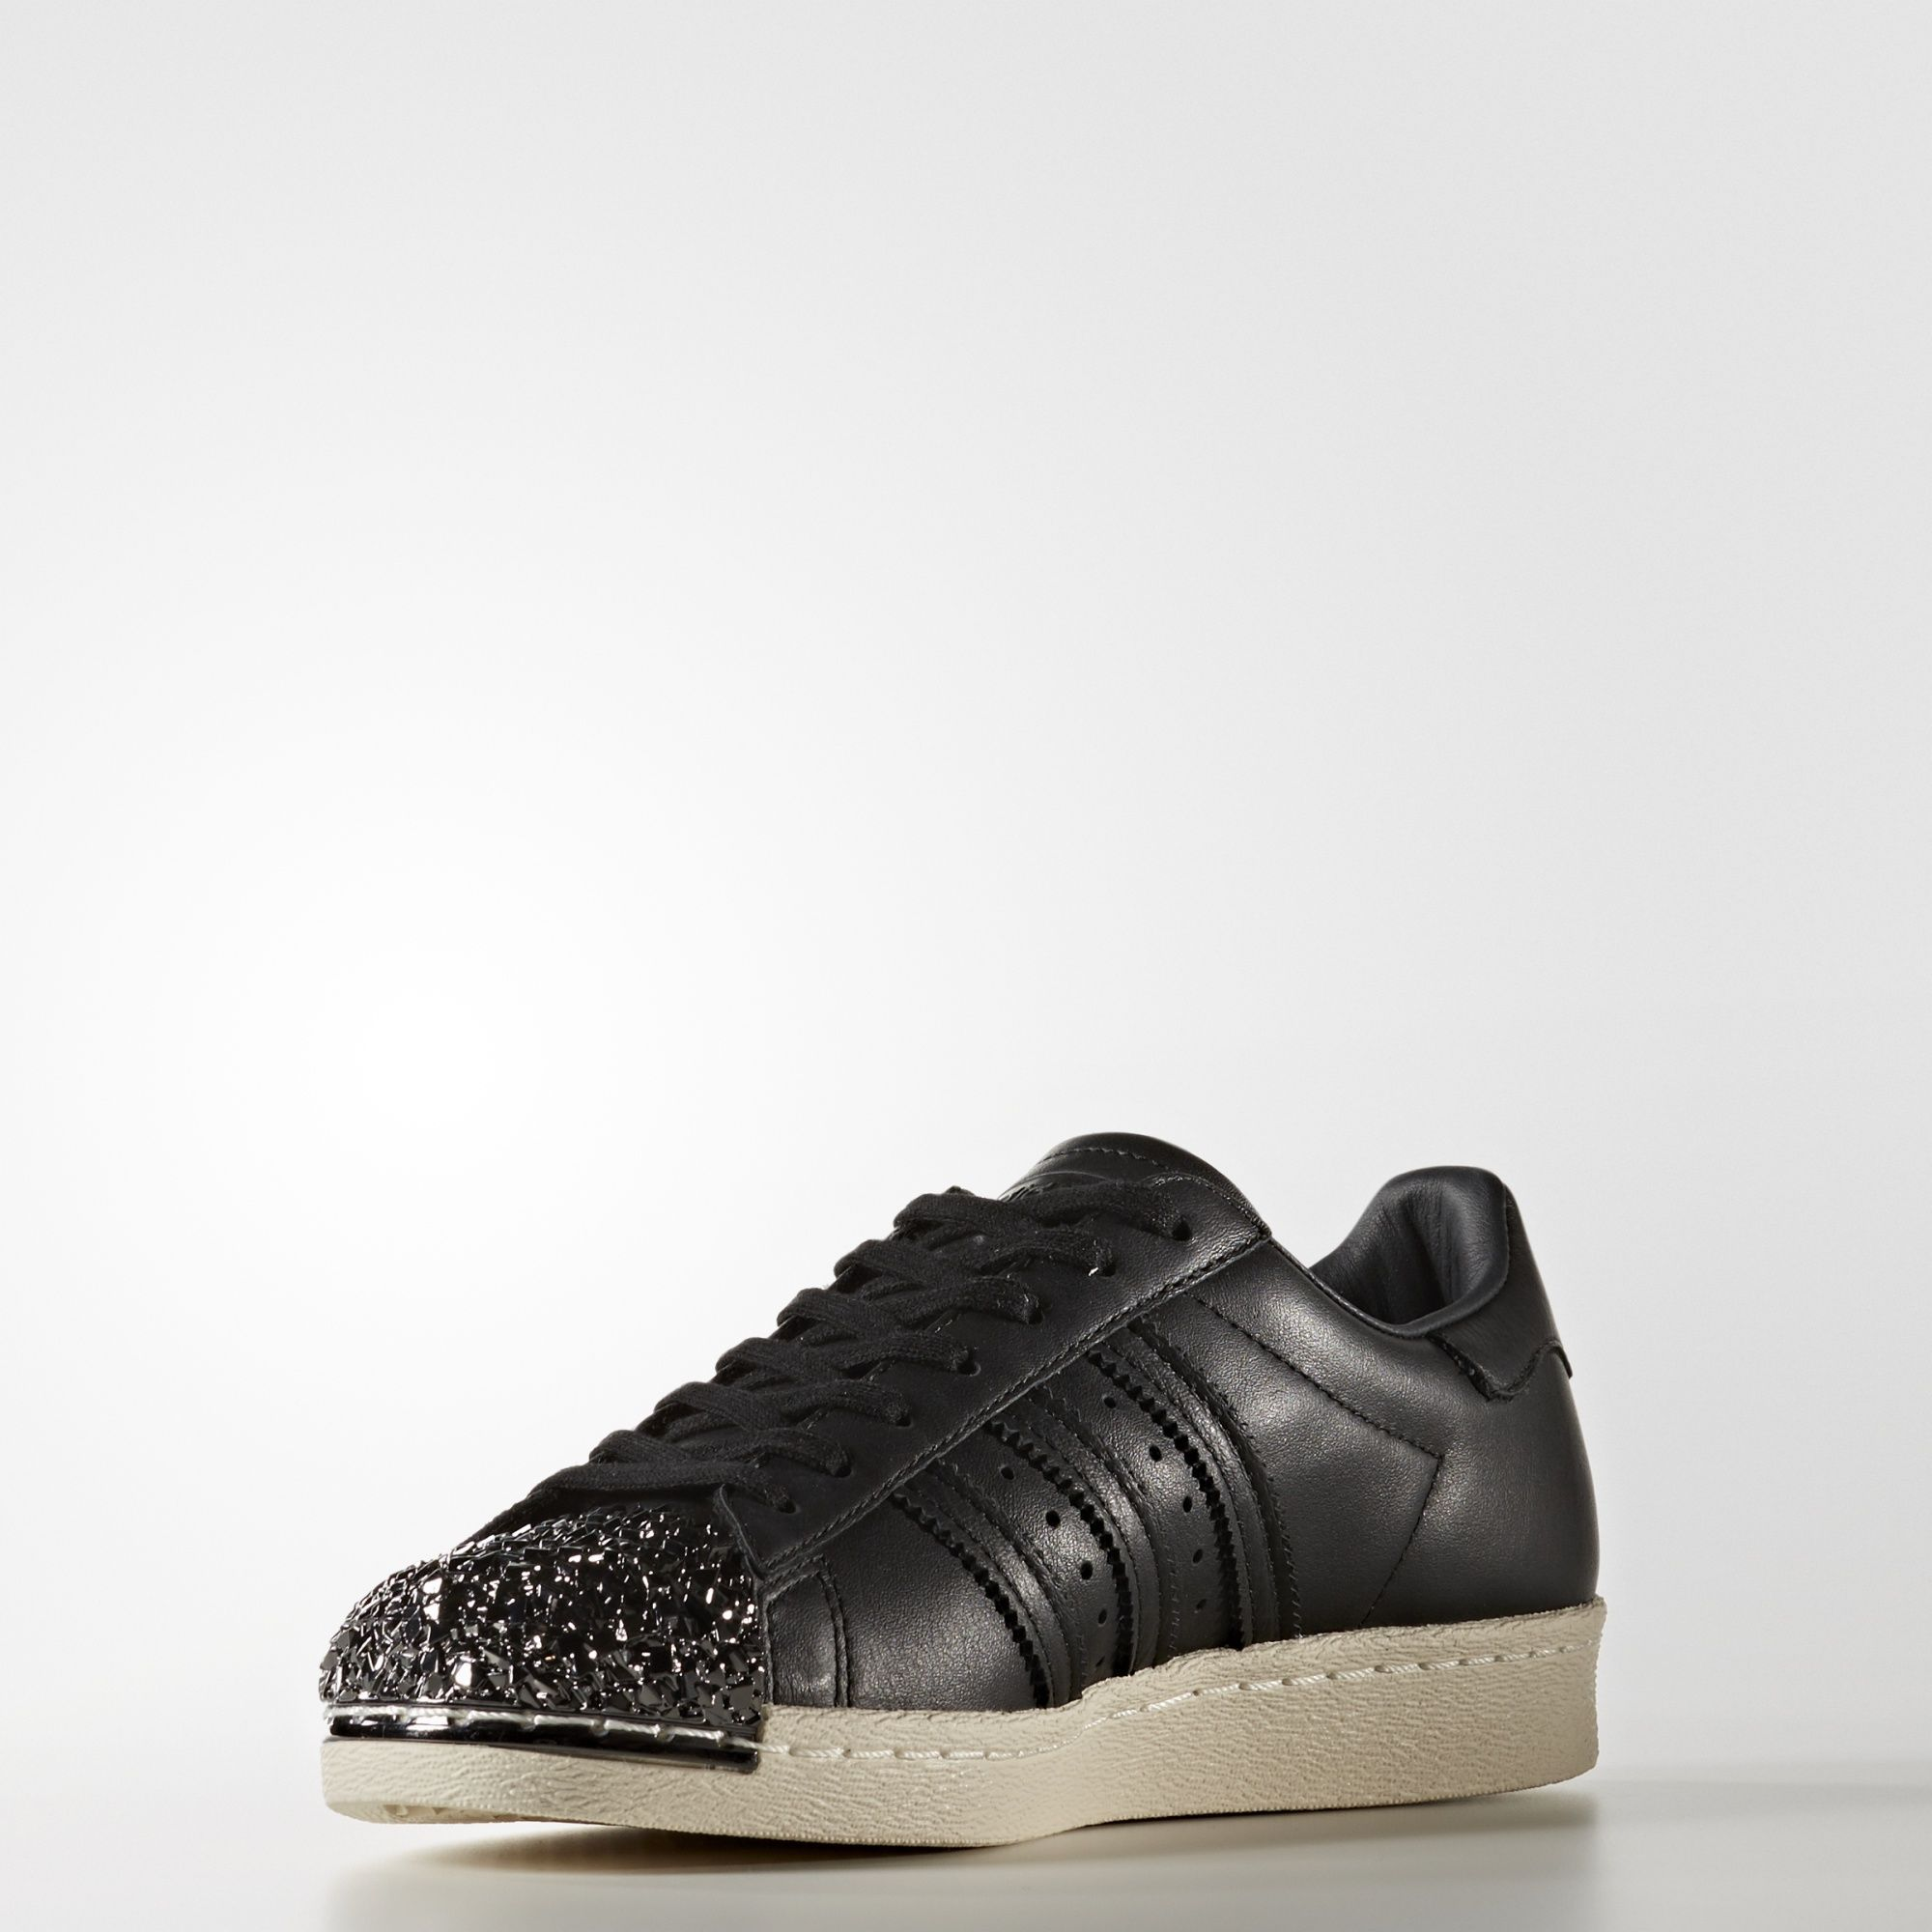 80s shoes